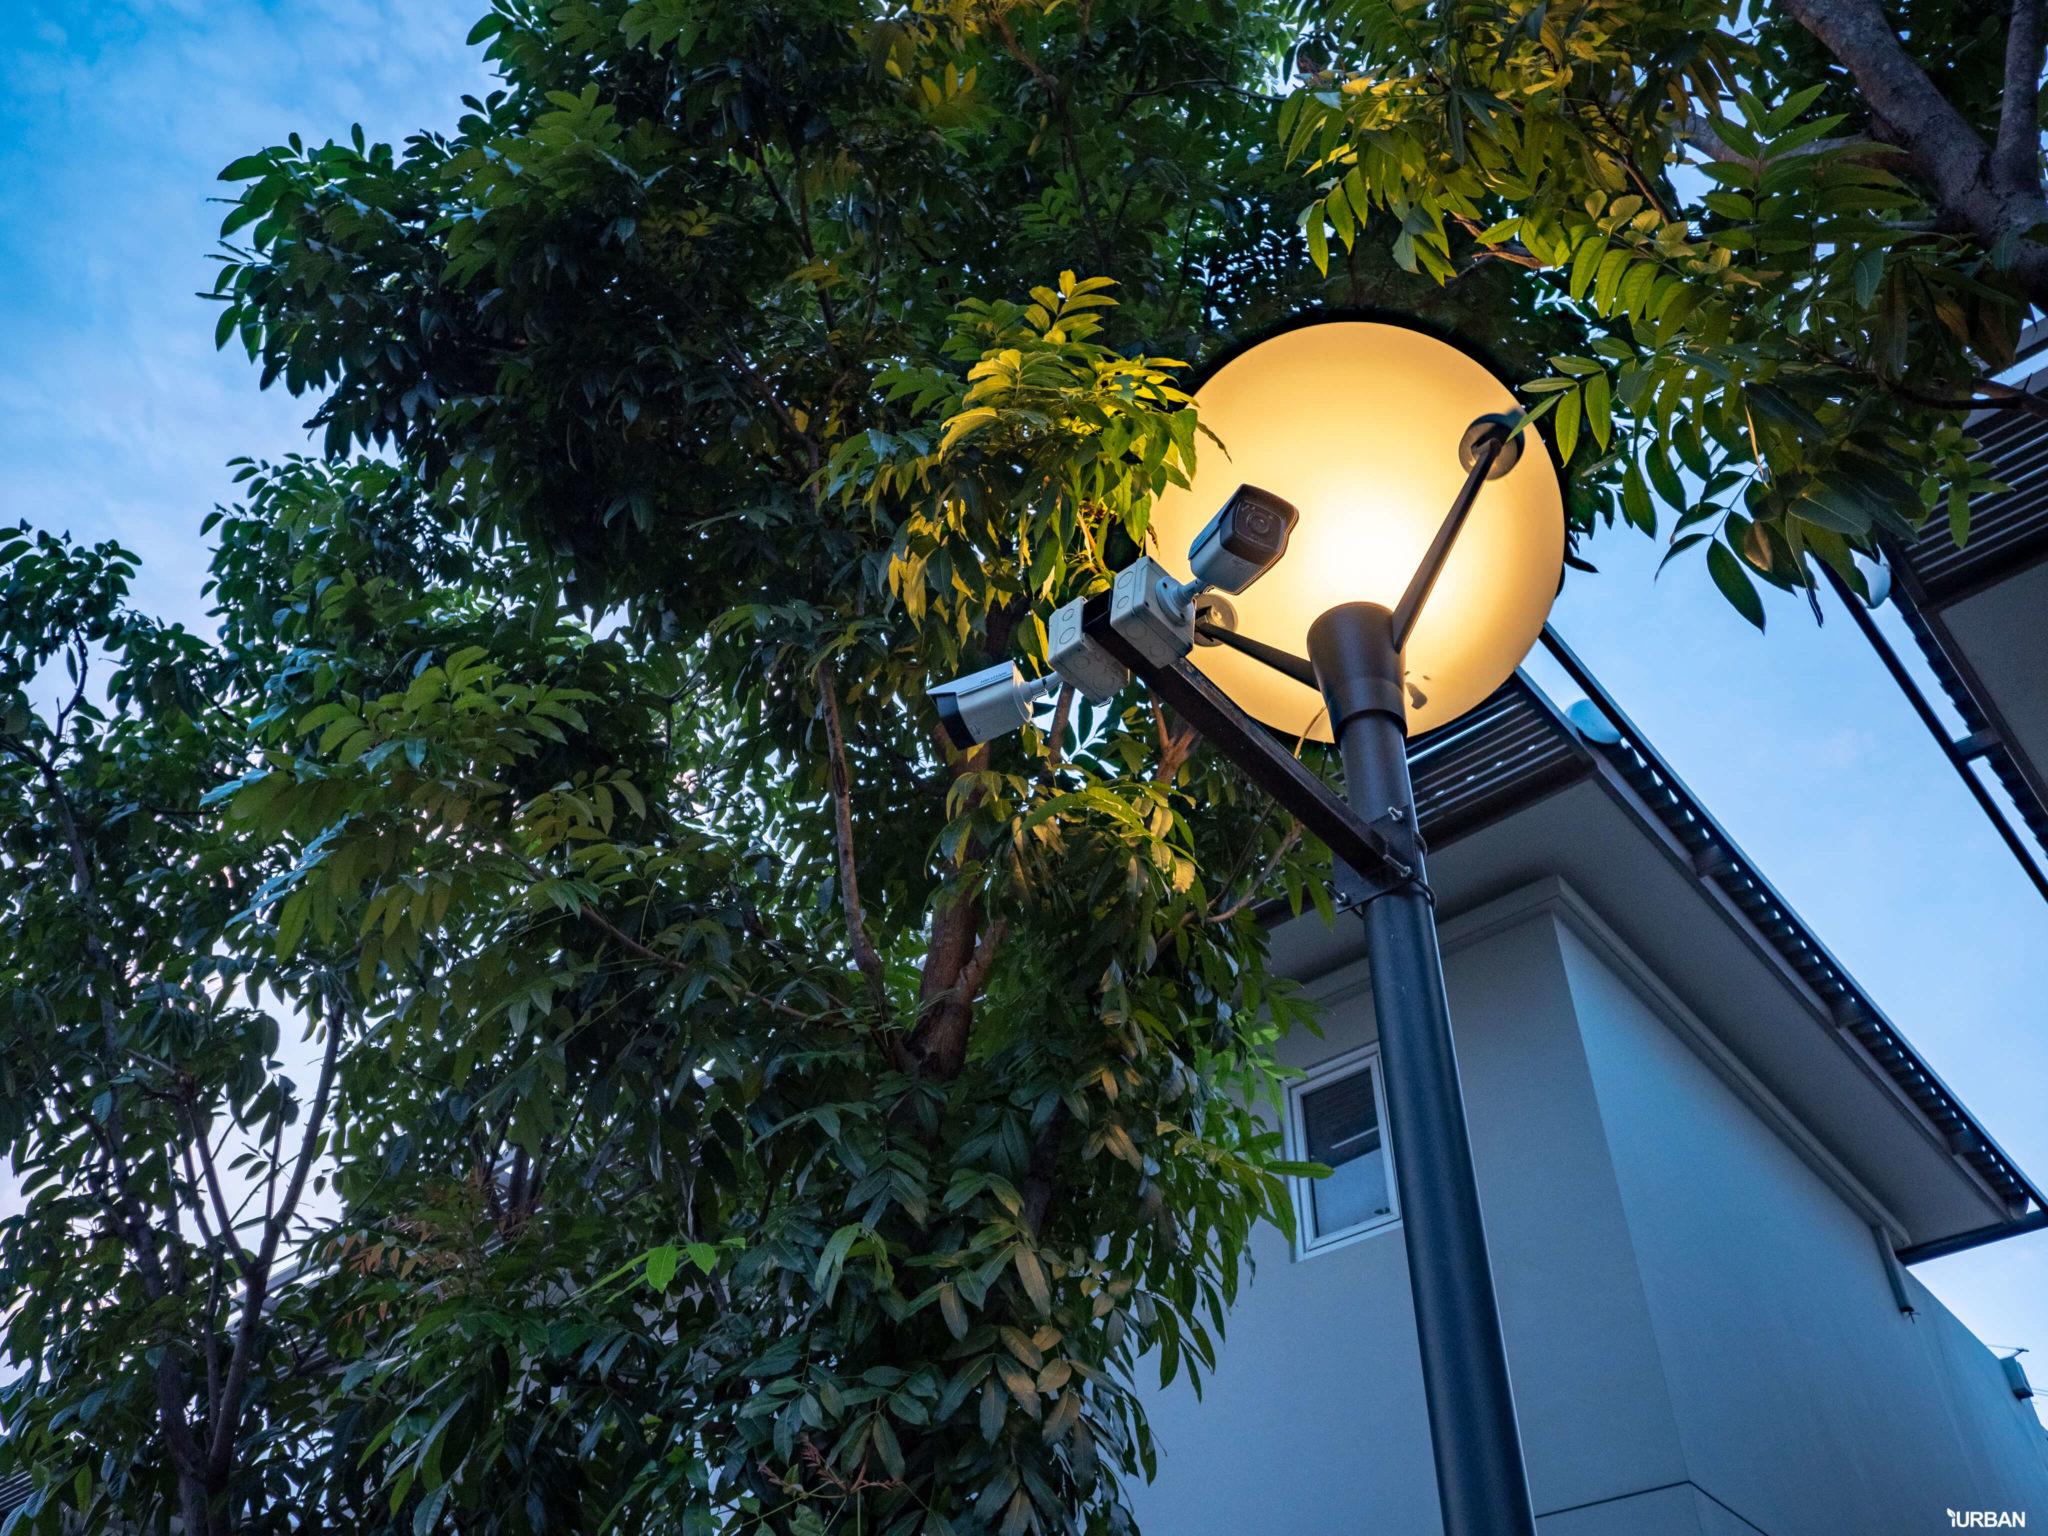 รีวิว บารานี พาร์ค ศรีนครินทร์-ร่มเกล้า บ้านสไตล์ Courtyard House ของไทยที่ได้รางวัลสถาปัตยกรรม 31 - Baranee Park